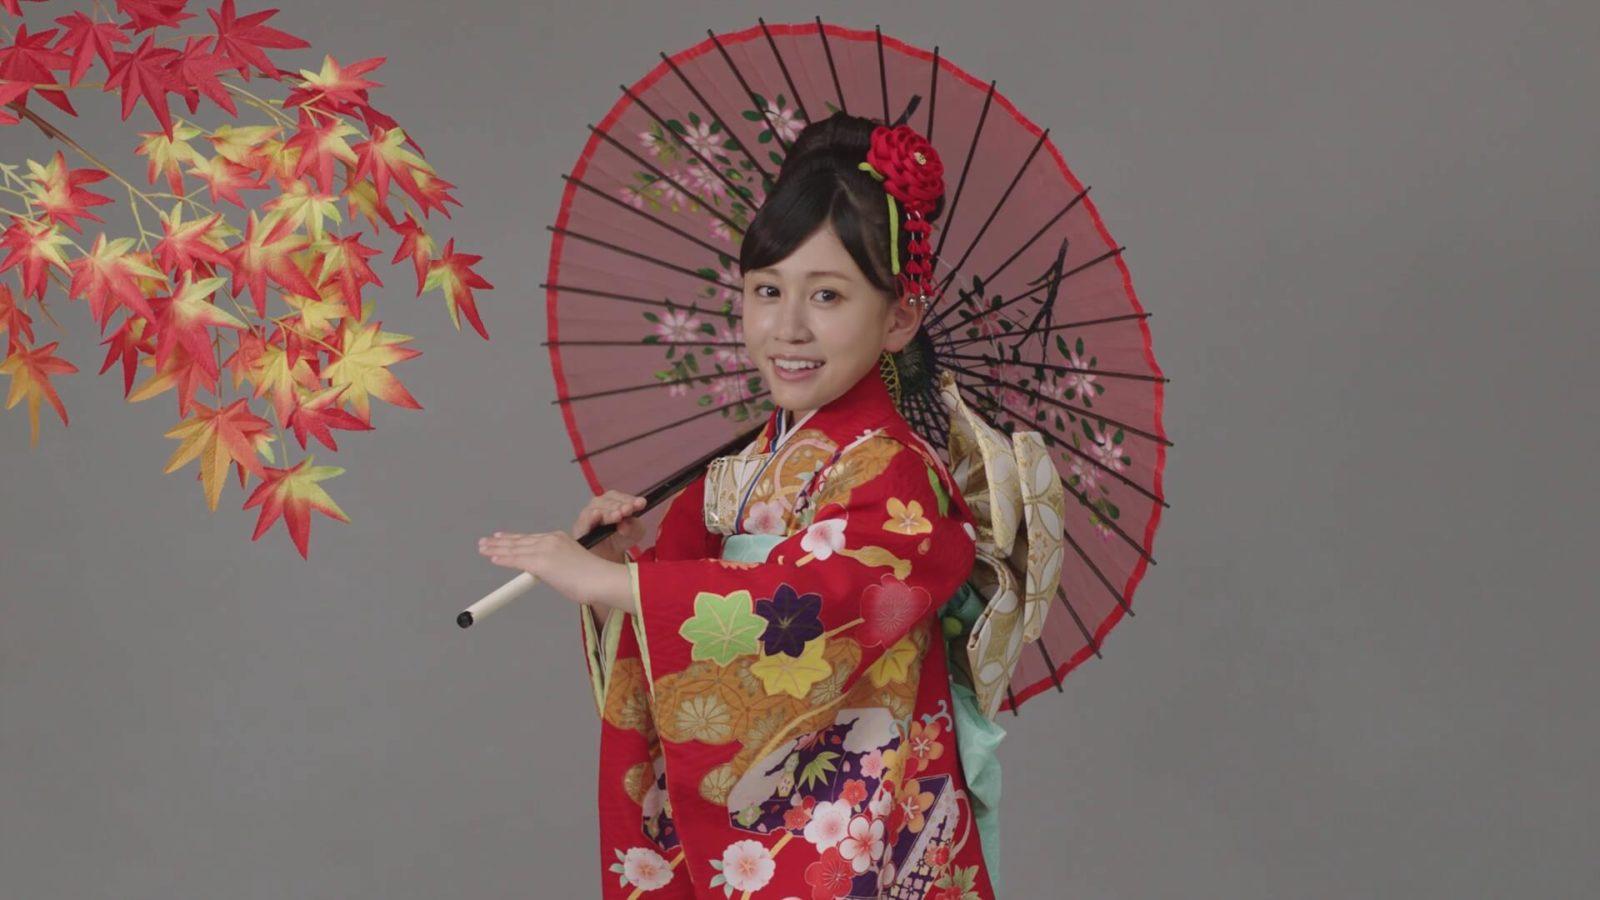 前田敦子、子供姿のTVCM発表に反響「やっぱ持ってる」サムネイル画像